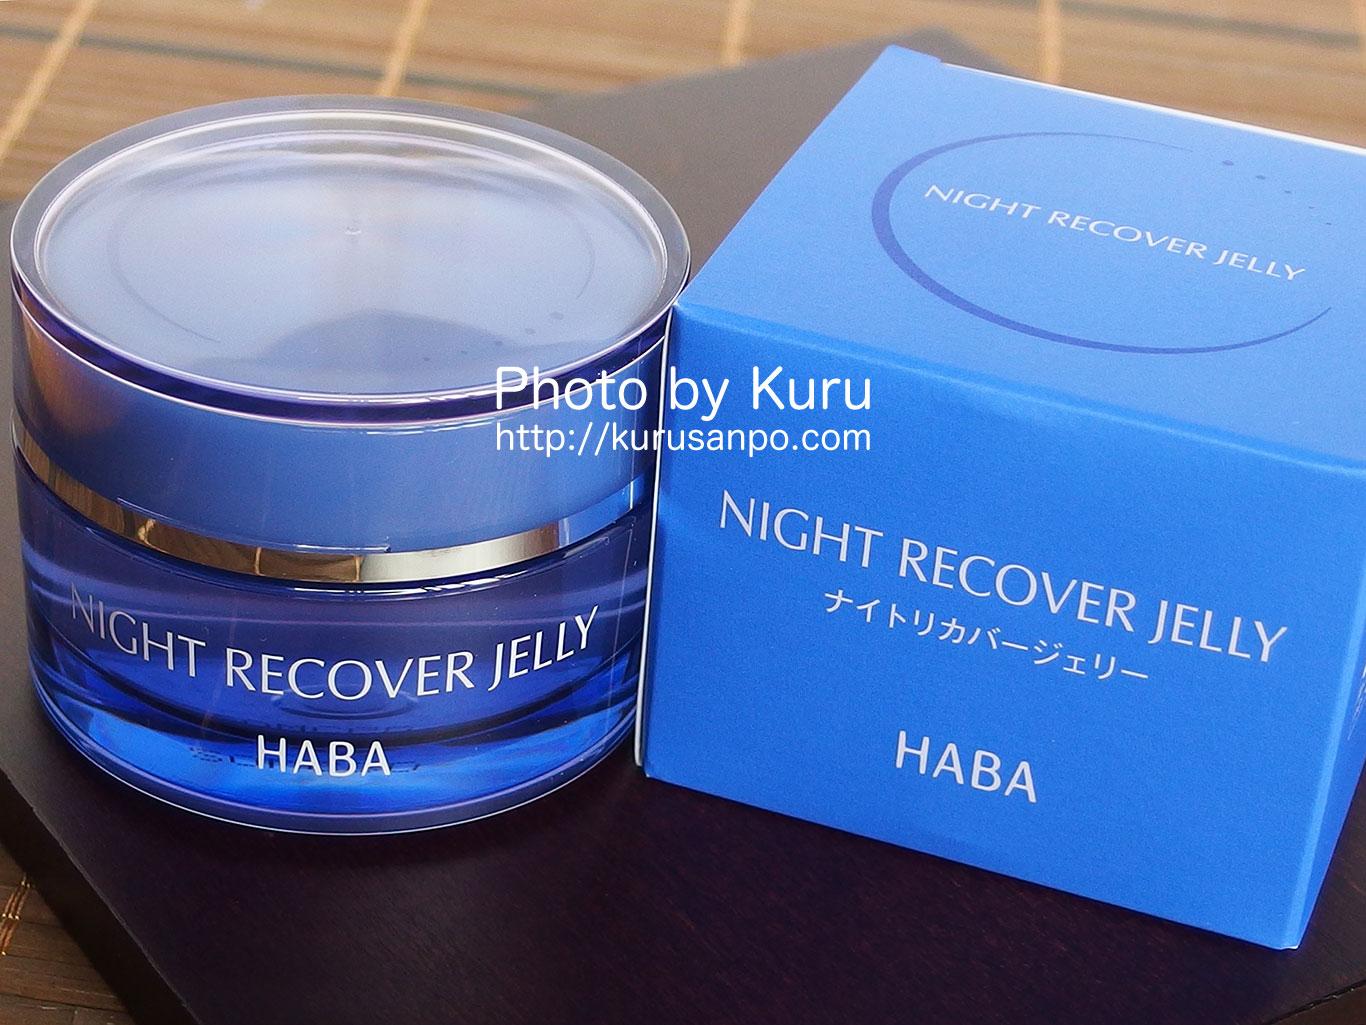 HABA(ハーバー)[(株)ハーバー研究所]『NIGHT RECOVER JELLY(ナイトリカバージェリー)』